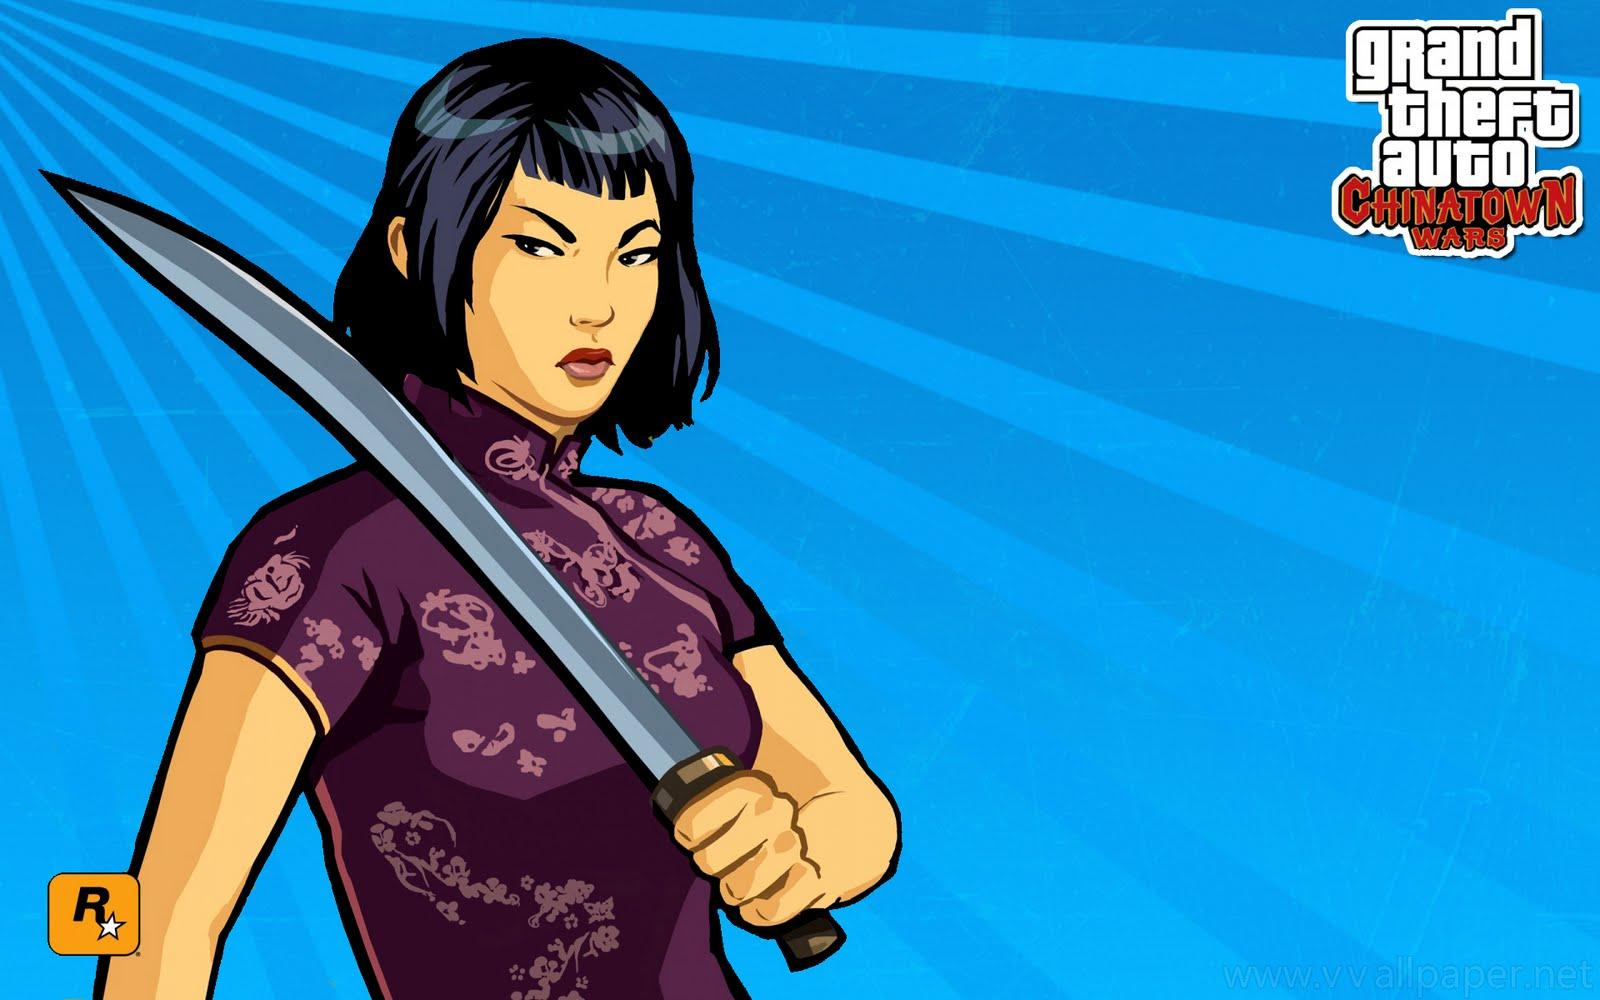 http://4.bp.blogspot.com/-WgqwFqAZG08/Tj5vqoYbr1I/AAAAAAAACgw/1-QXU6nkBsE/s1600/Chinatown_Wars_Grand_Theft_Auoto_HD_Wallpaper_Ling_2_www.jpg